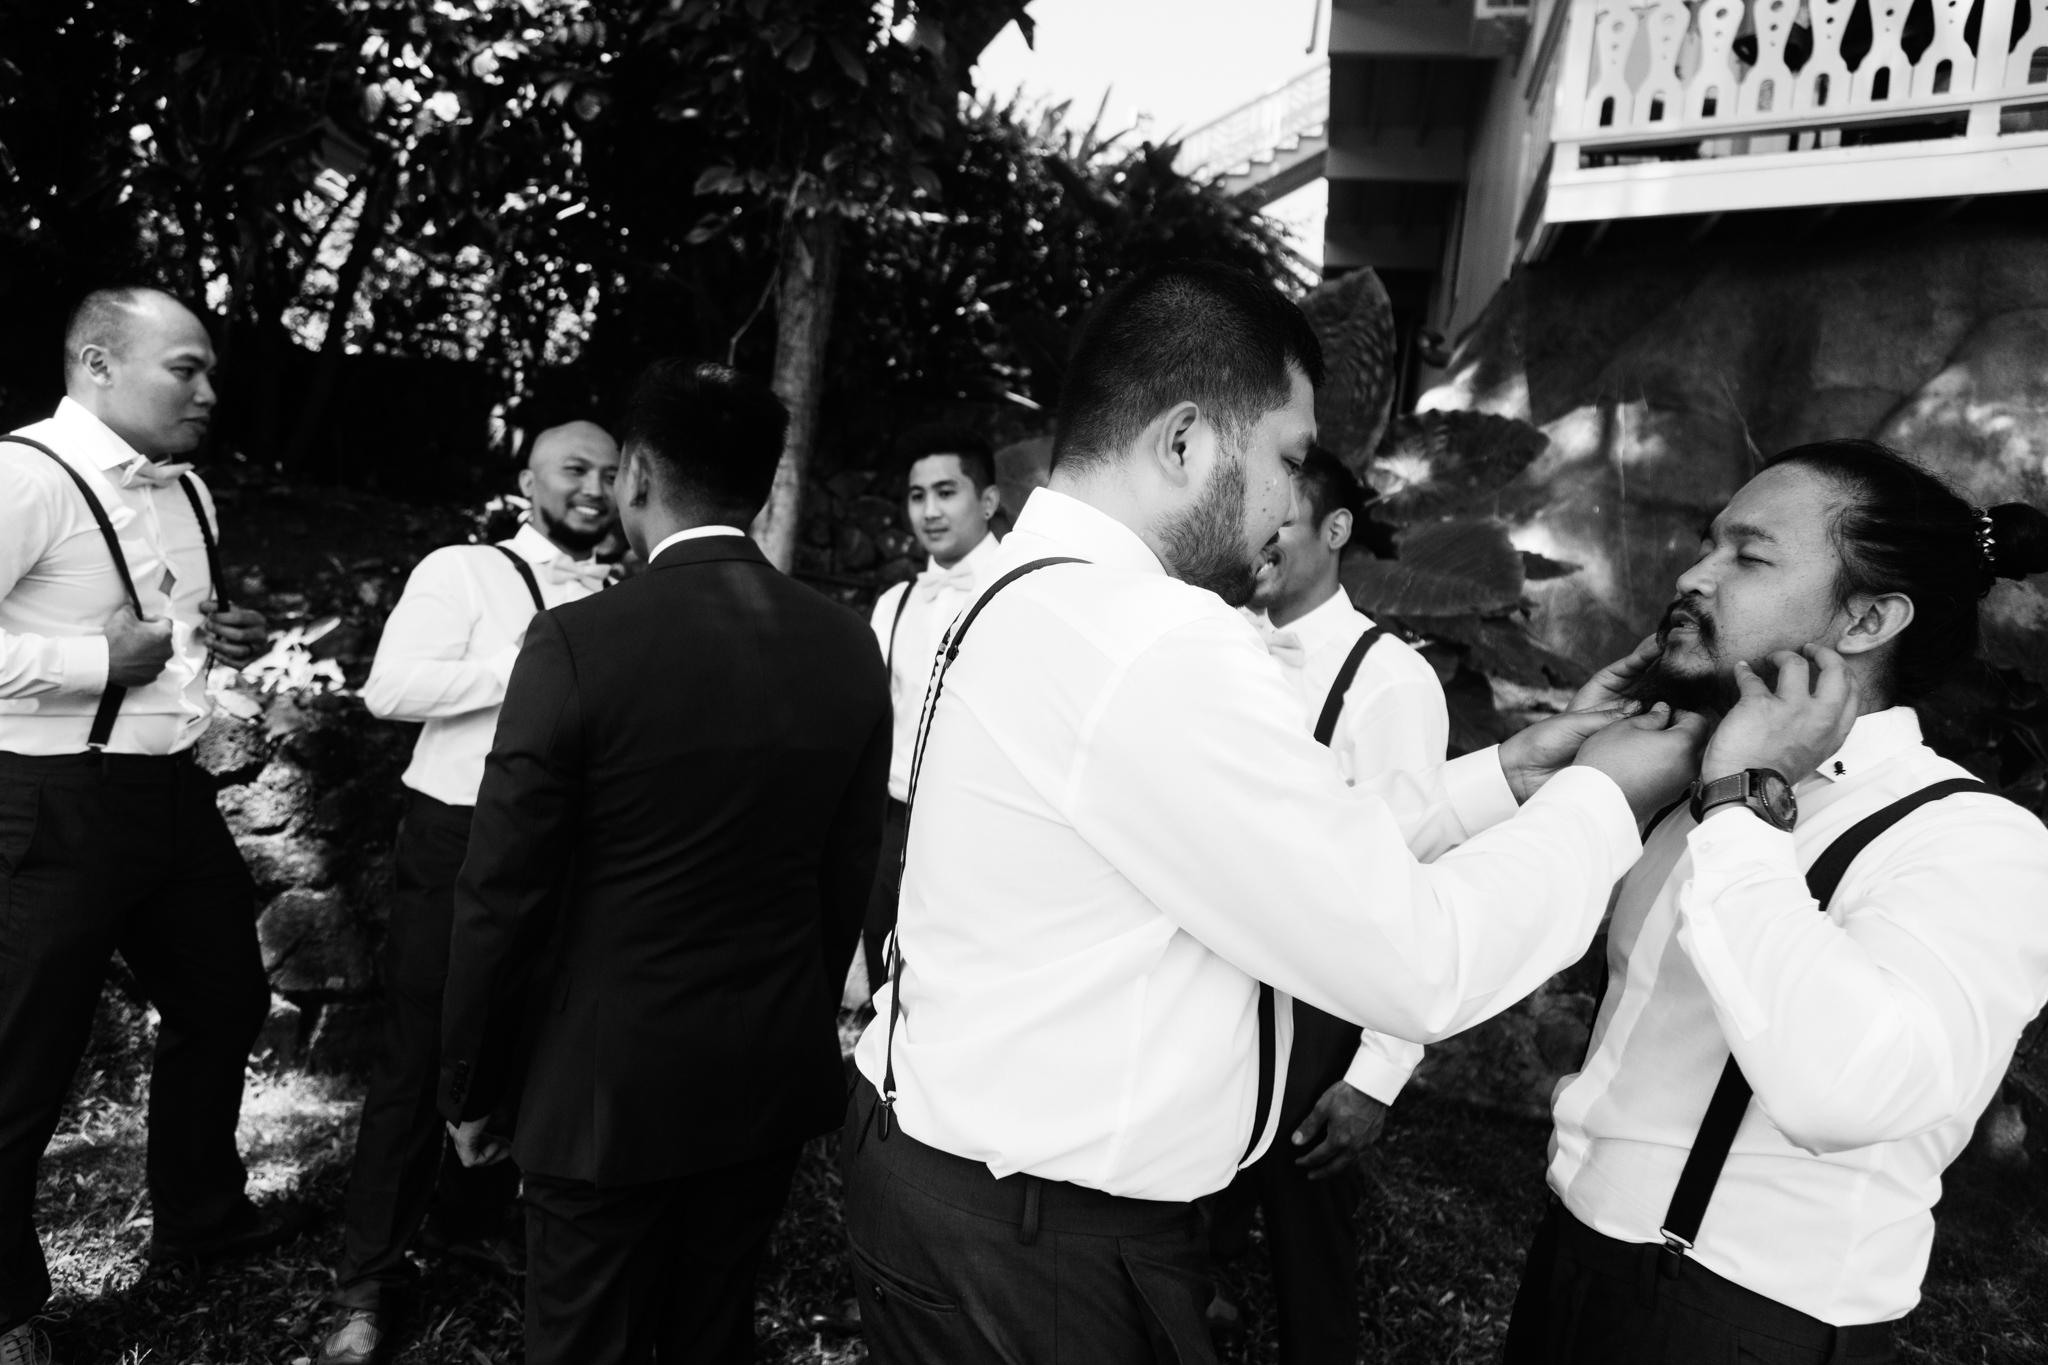 kualoa_ranch_wedding_photography_tone_hawaii-6.jpg